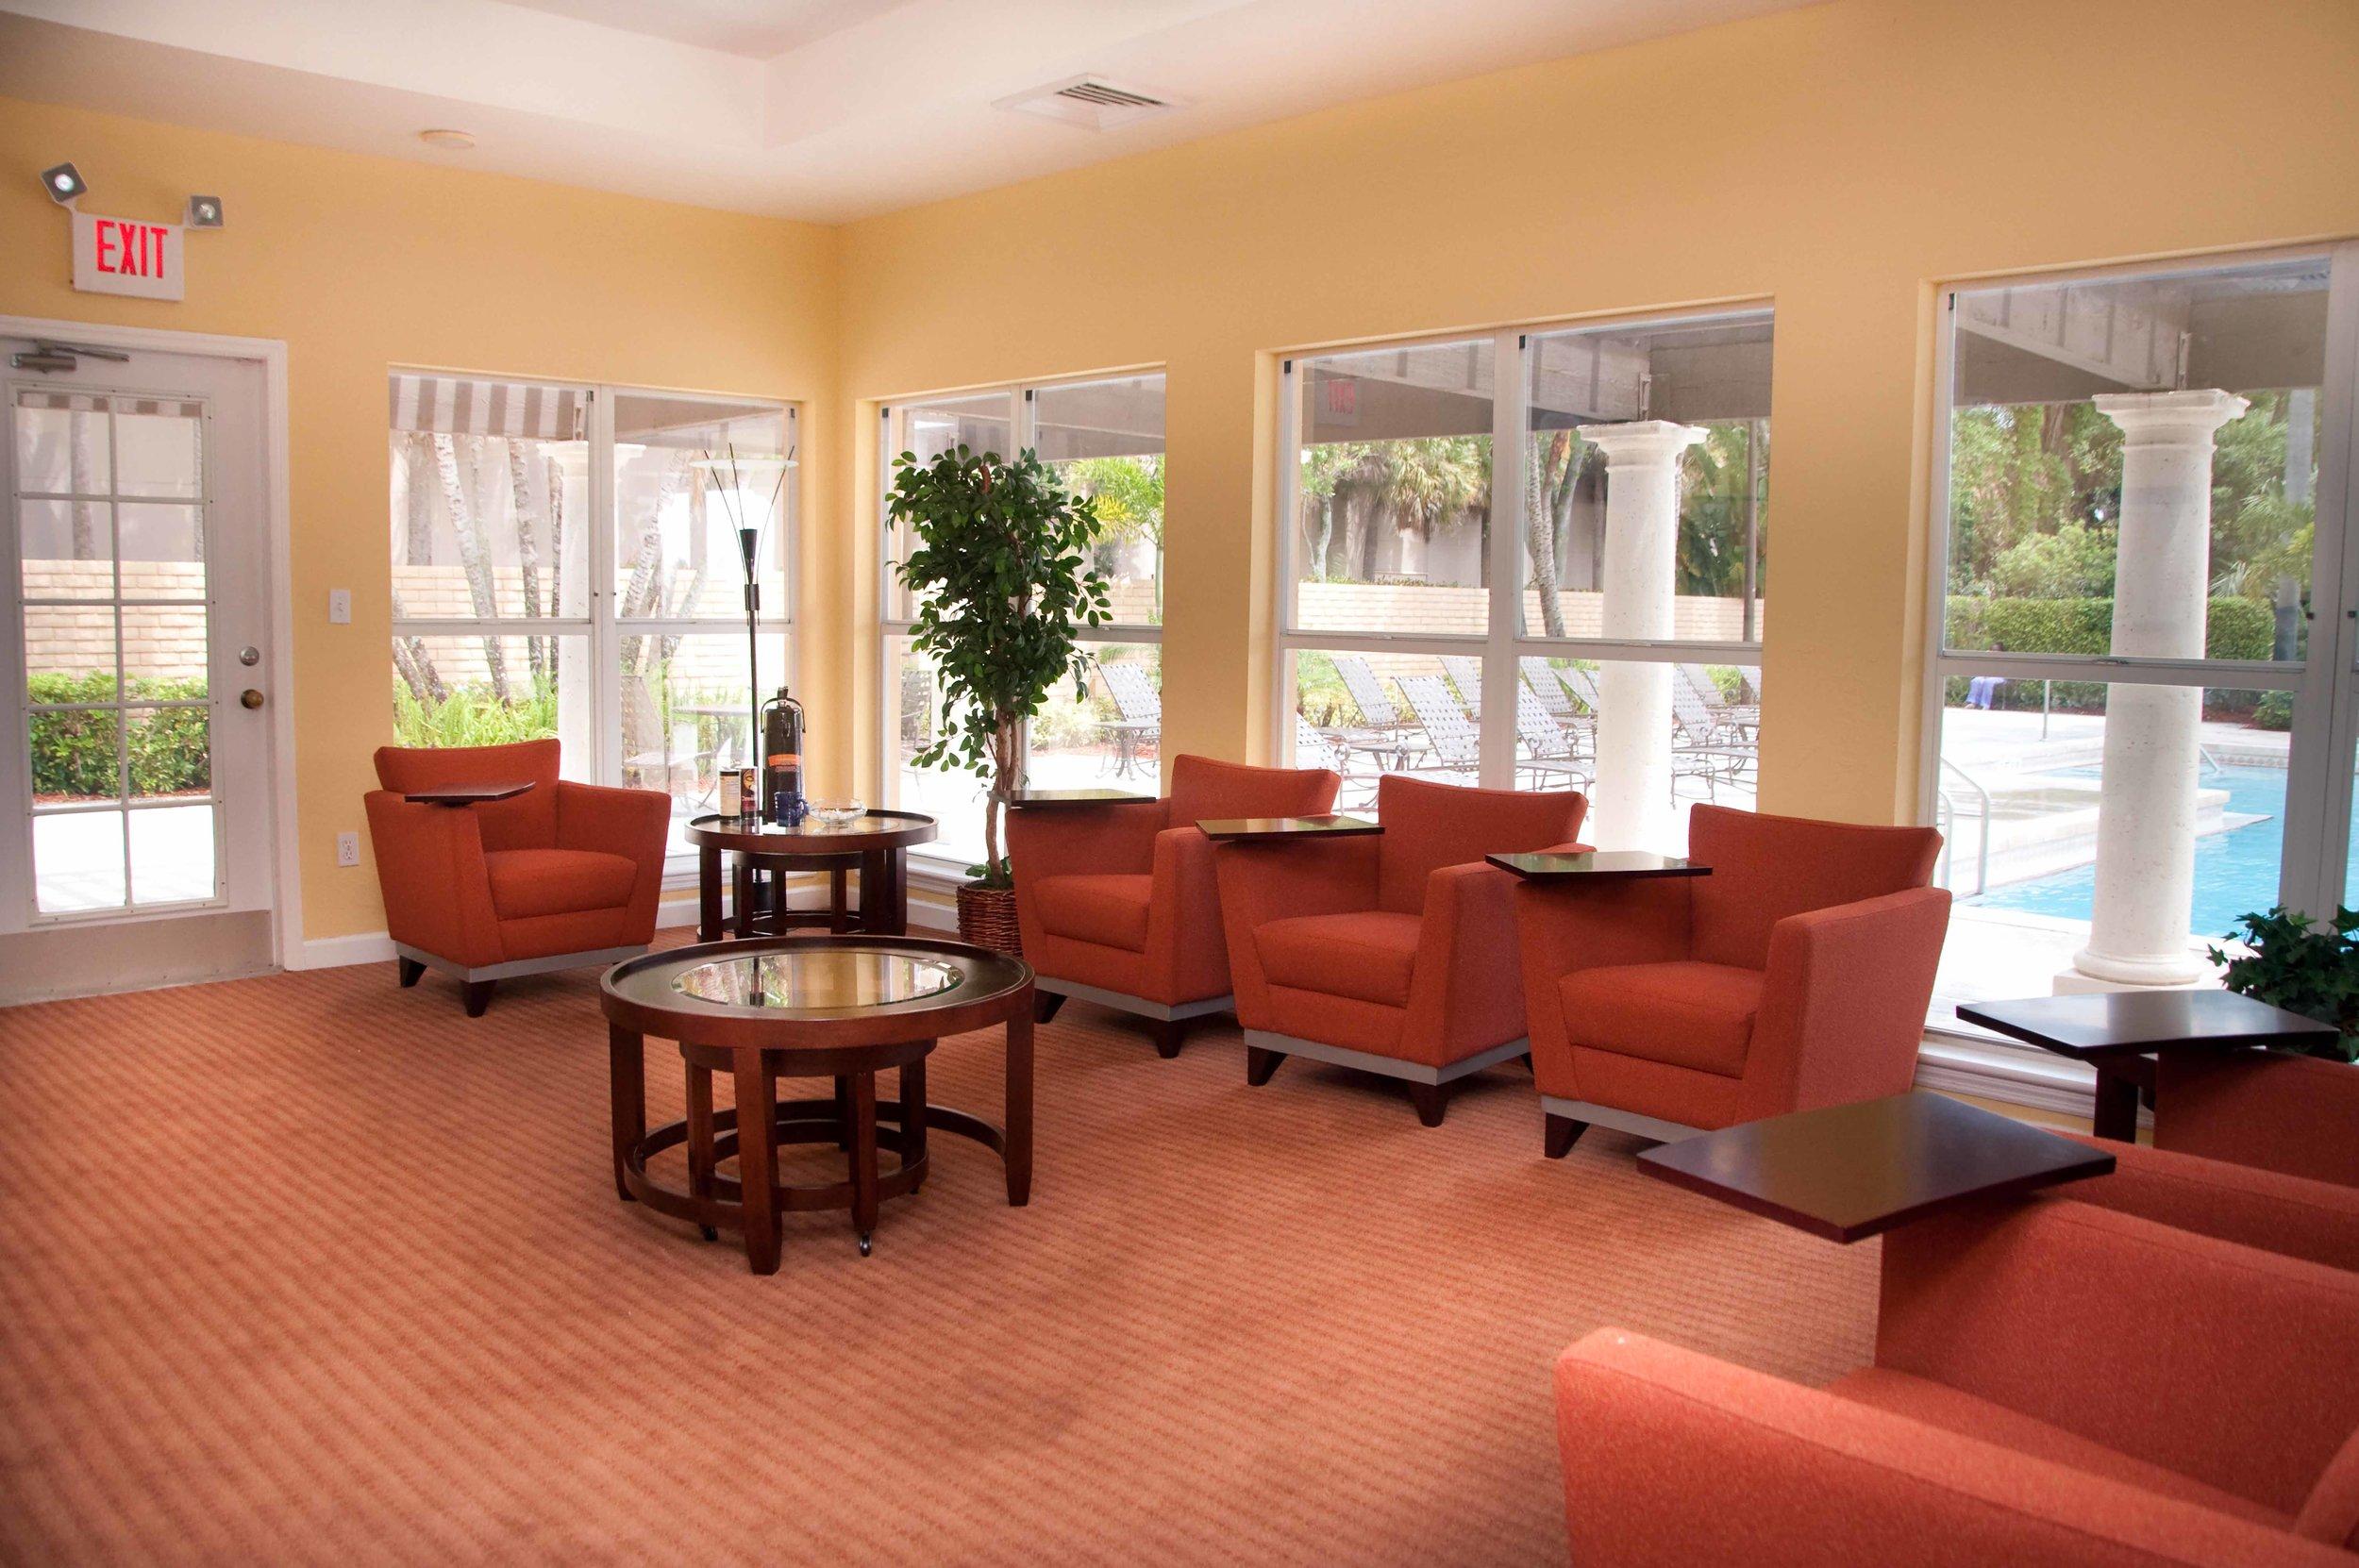 SL_WiFi Lounge_Before.jpg